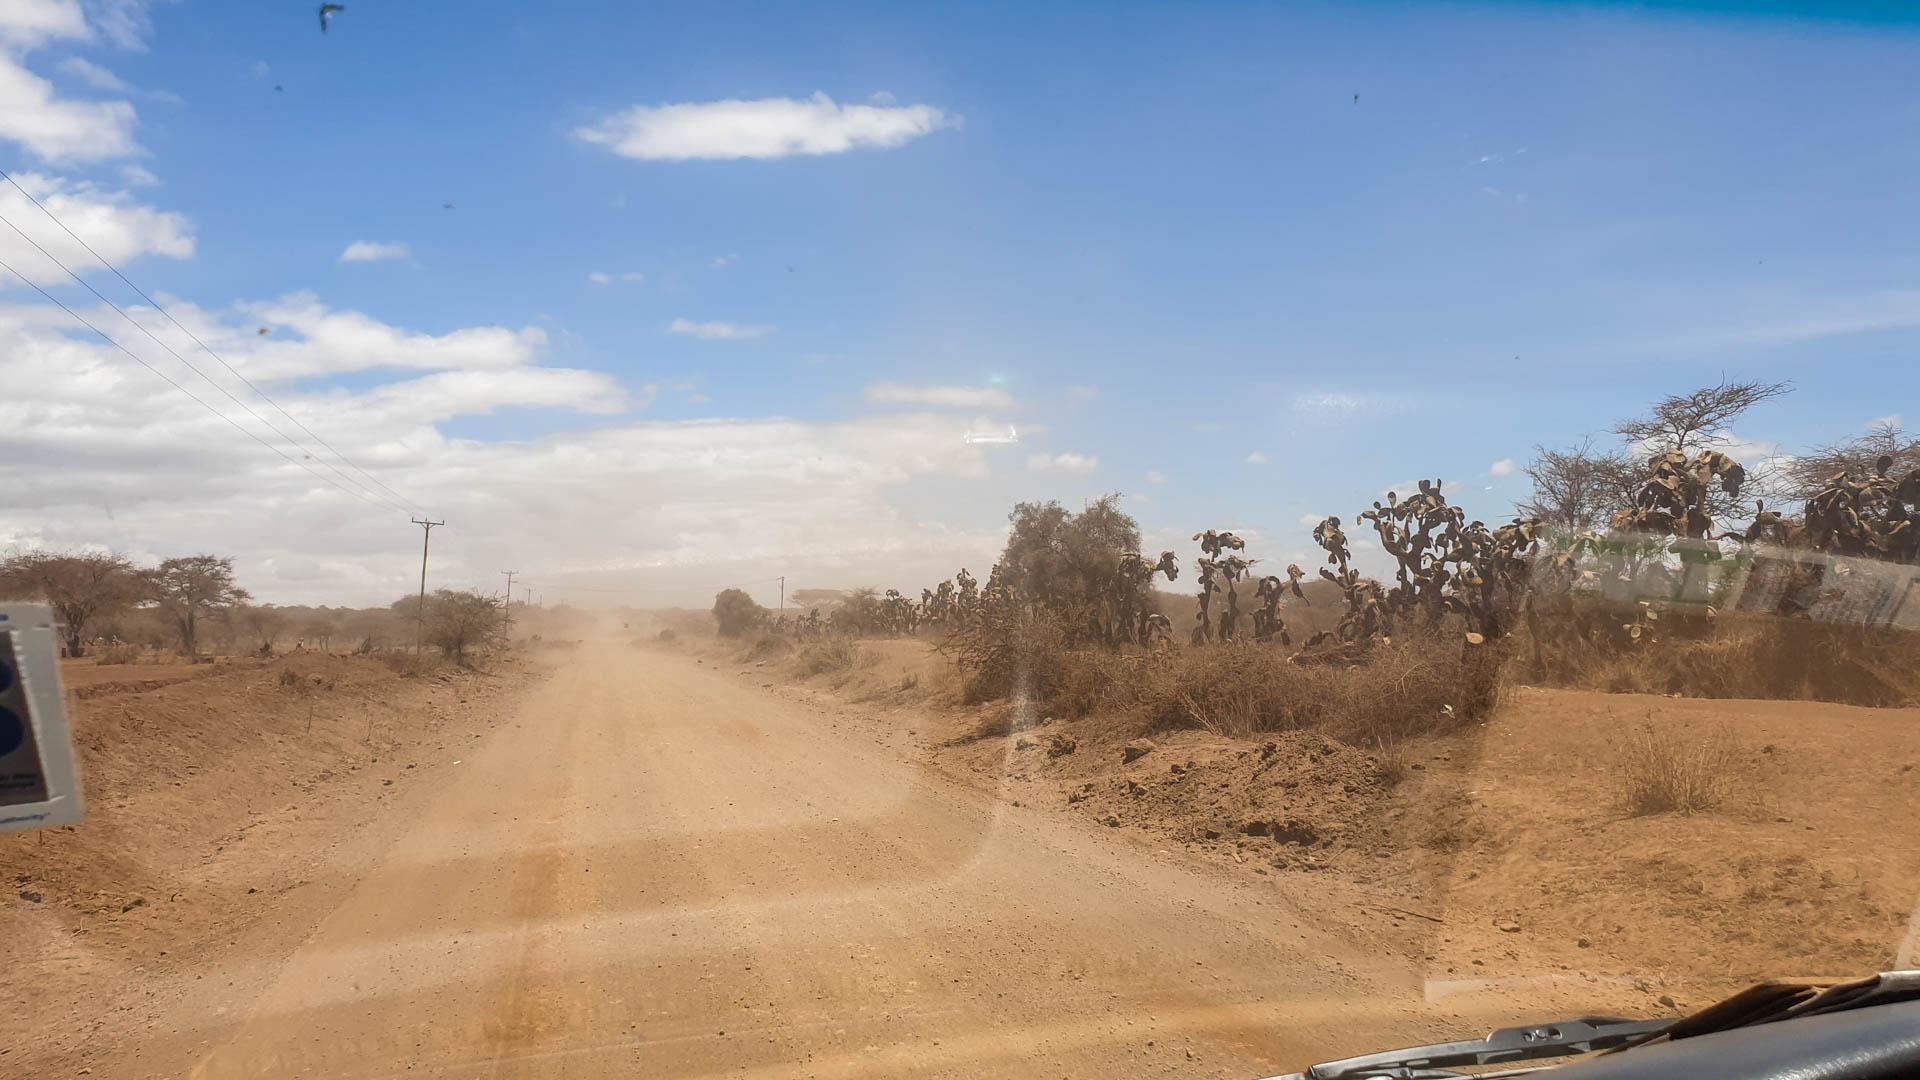 Carretera de cabras llegando a Amboseli, Kenia